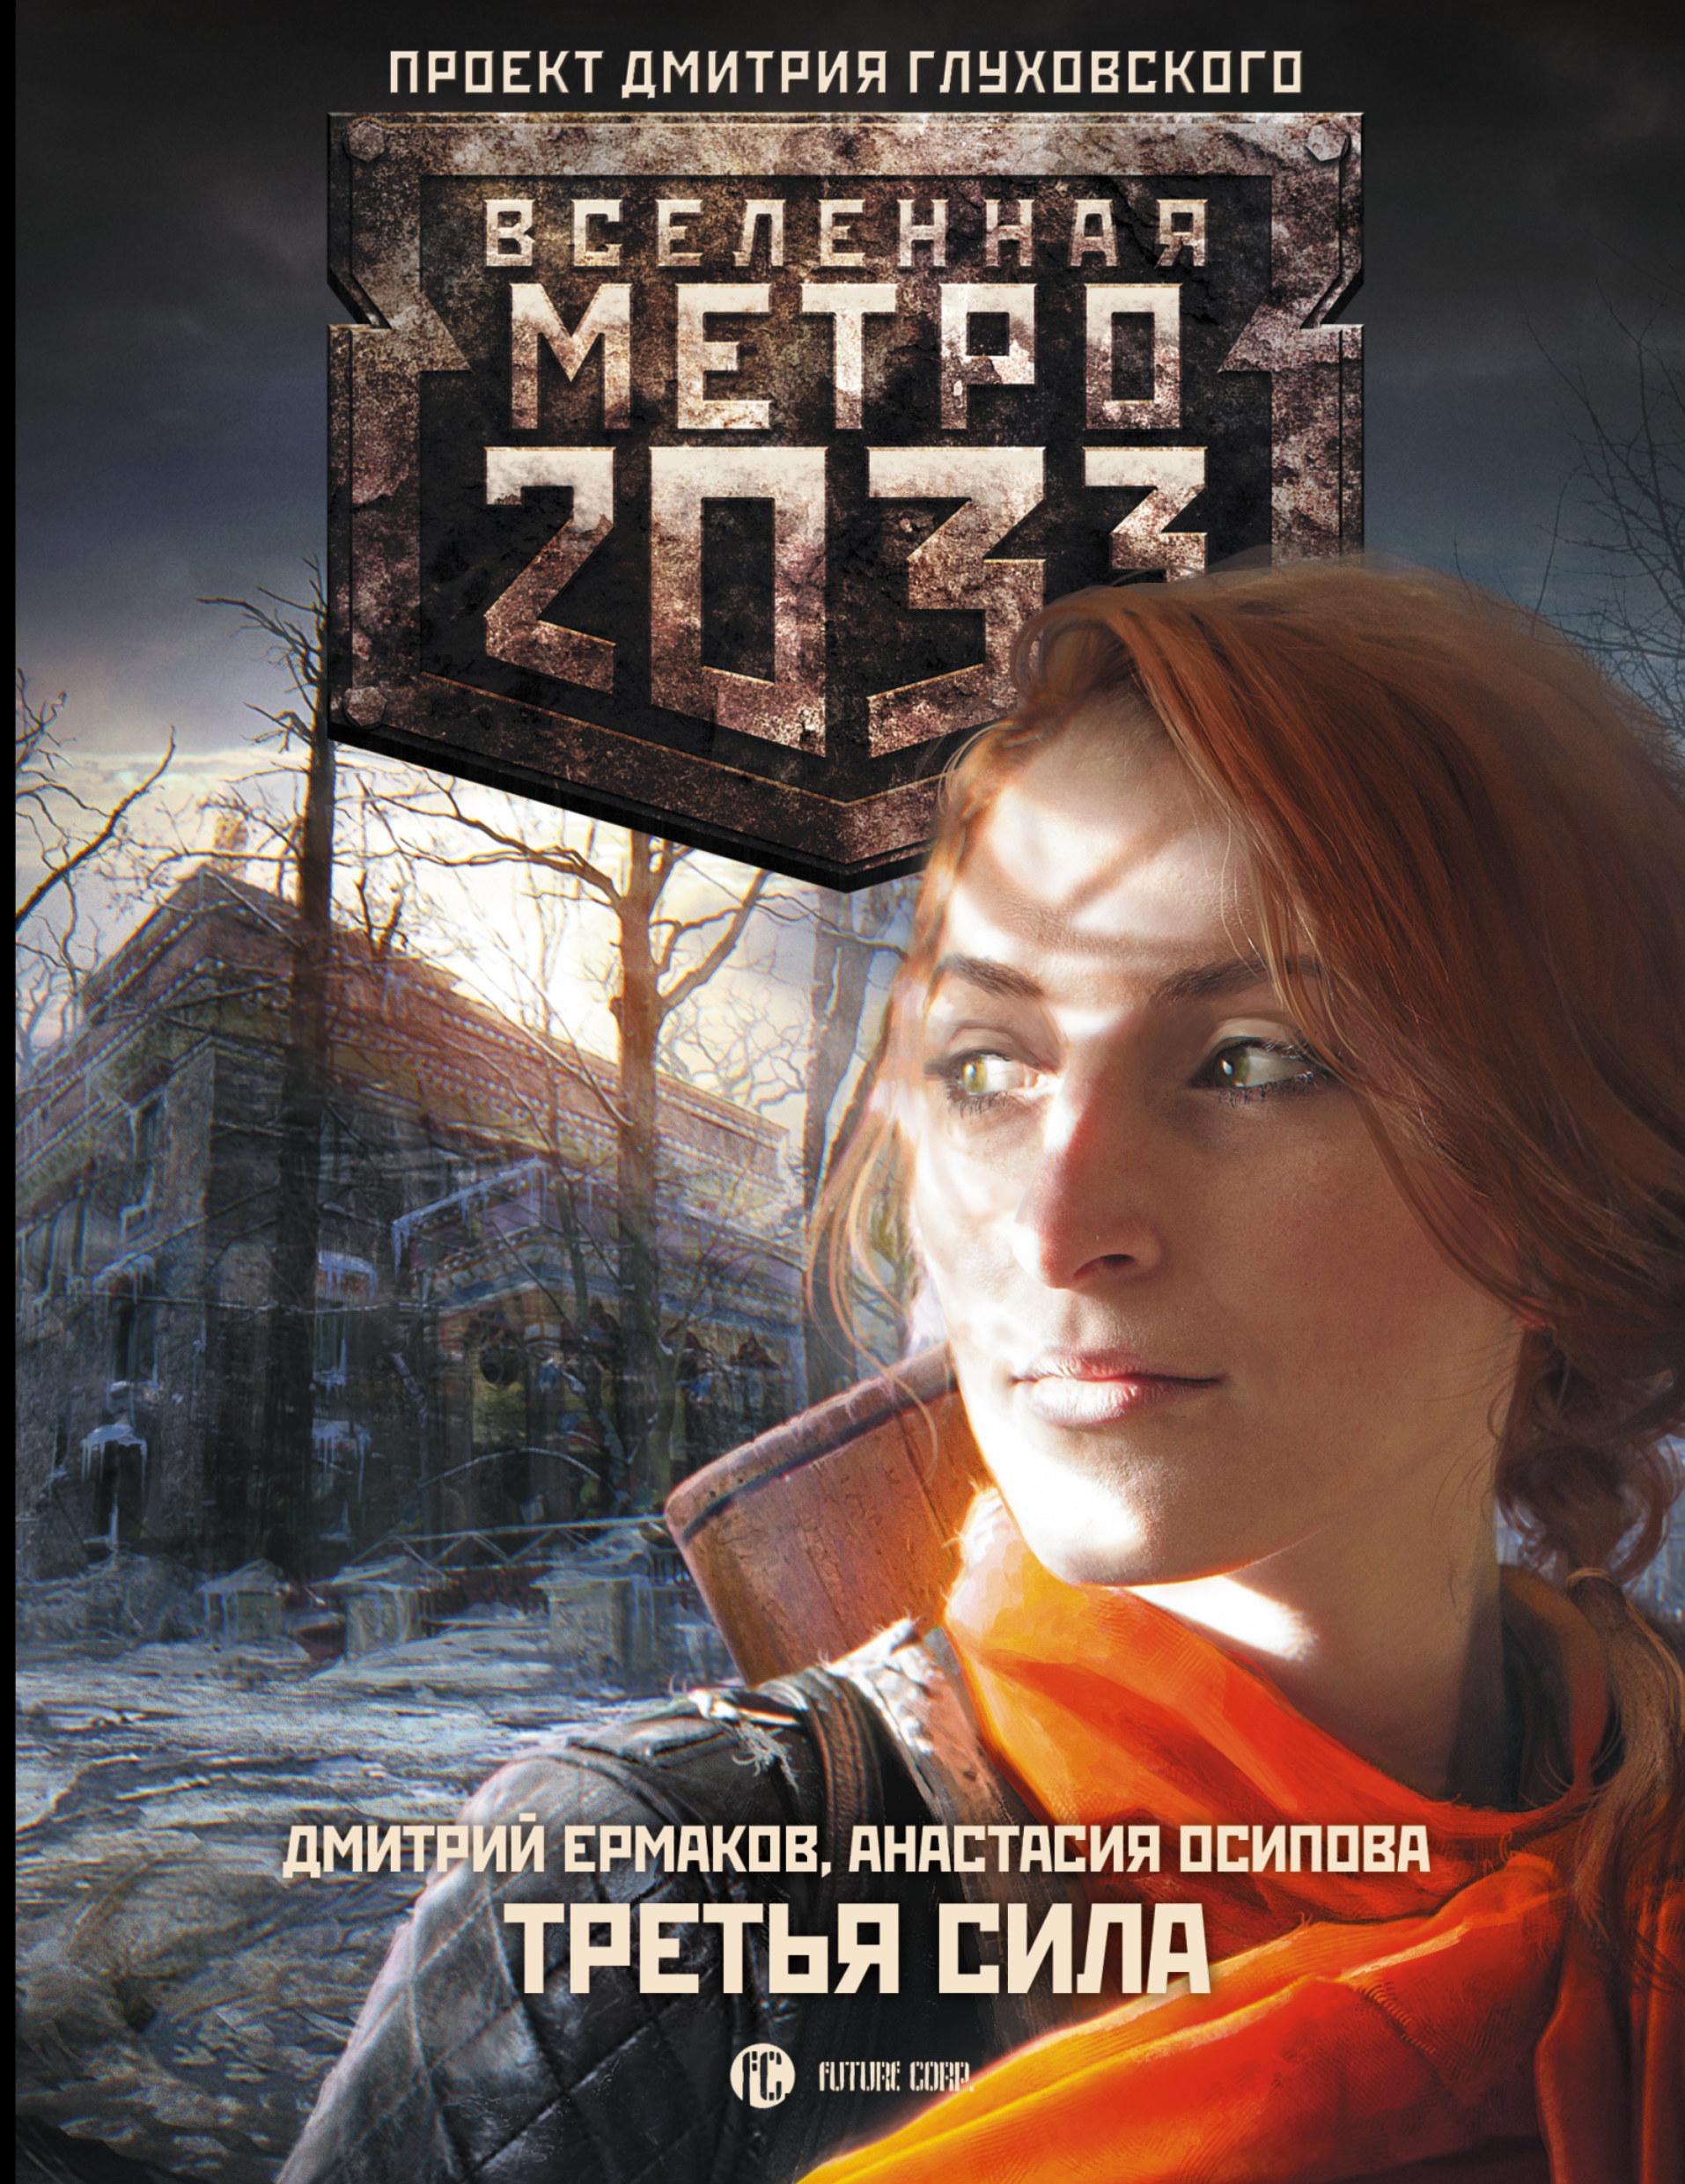 Дмитрий Ермаков Метро 2033: Третья сила дмитрий ермаков анастасия осипова метро 2033 третья сила